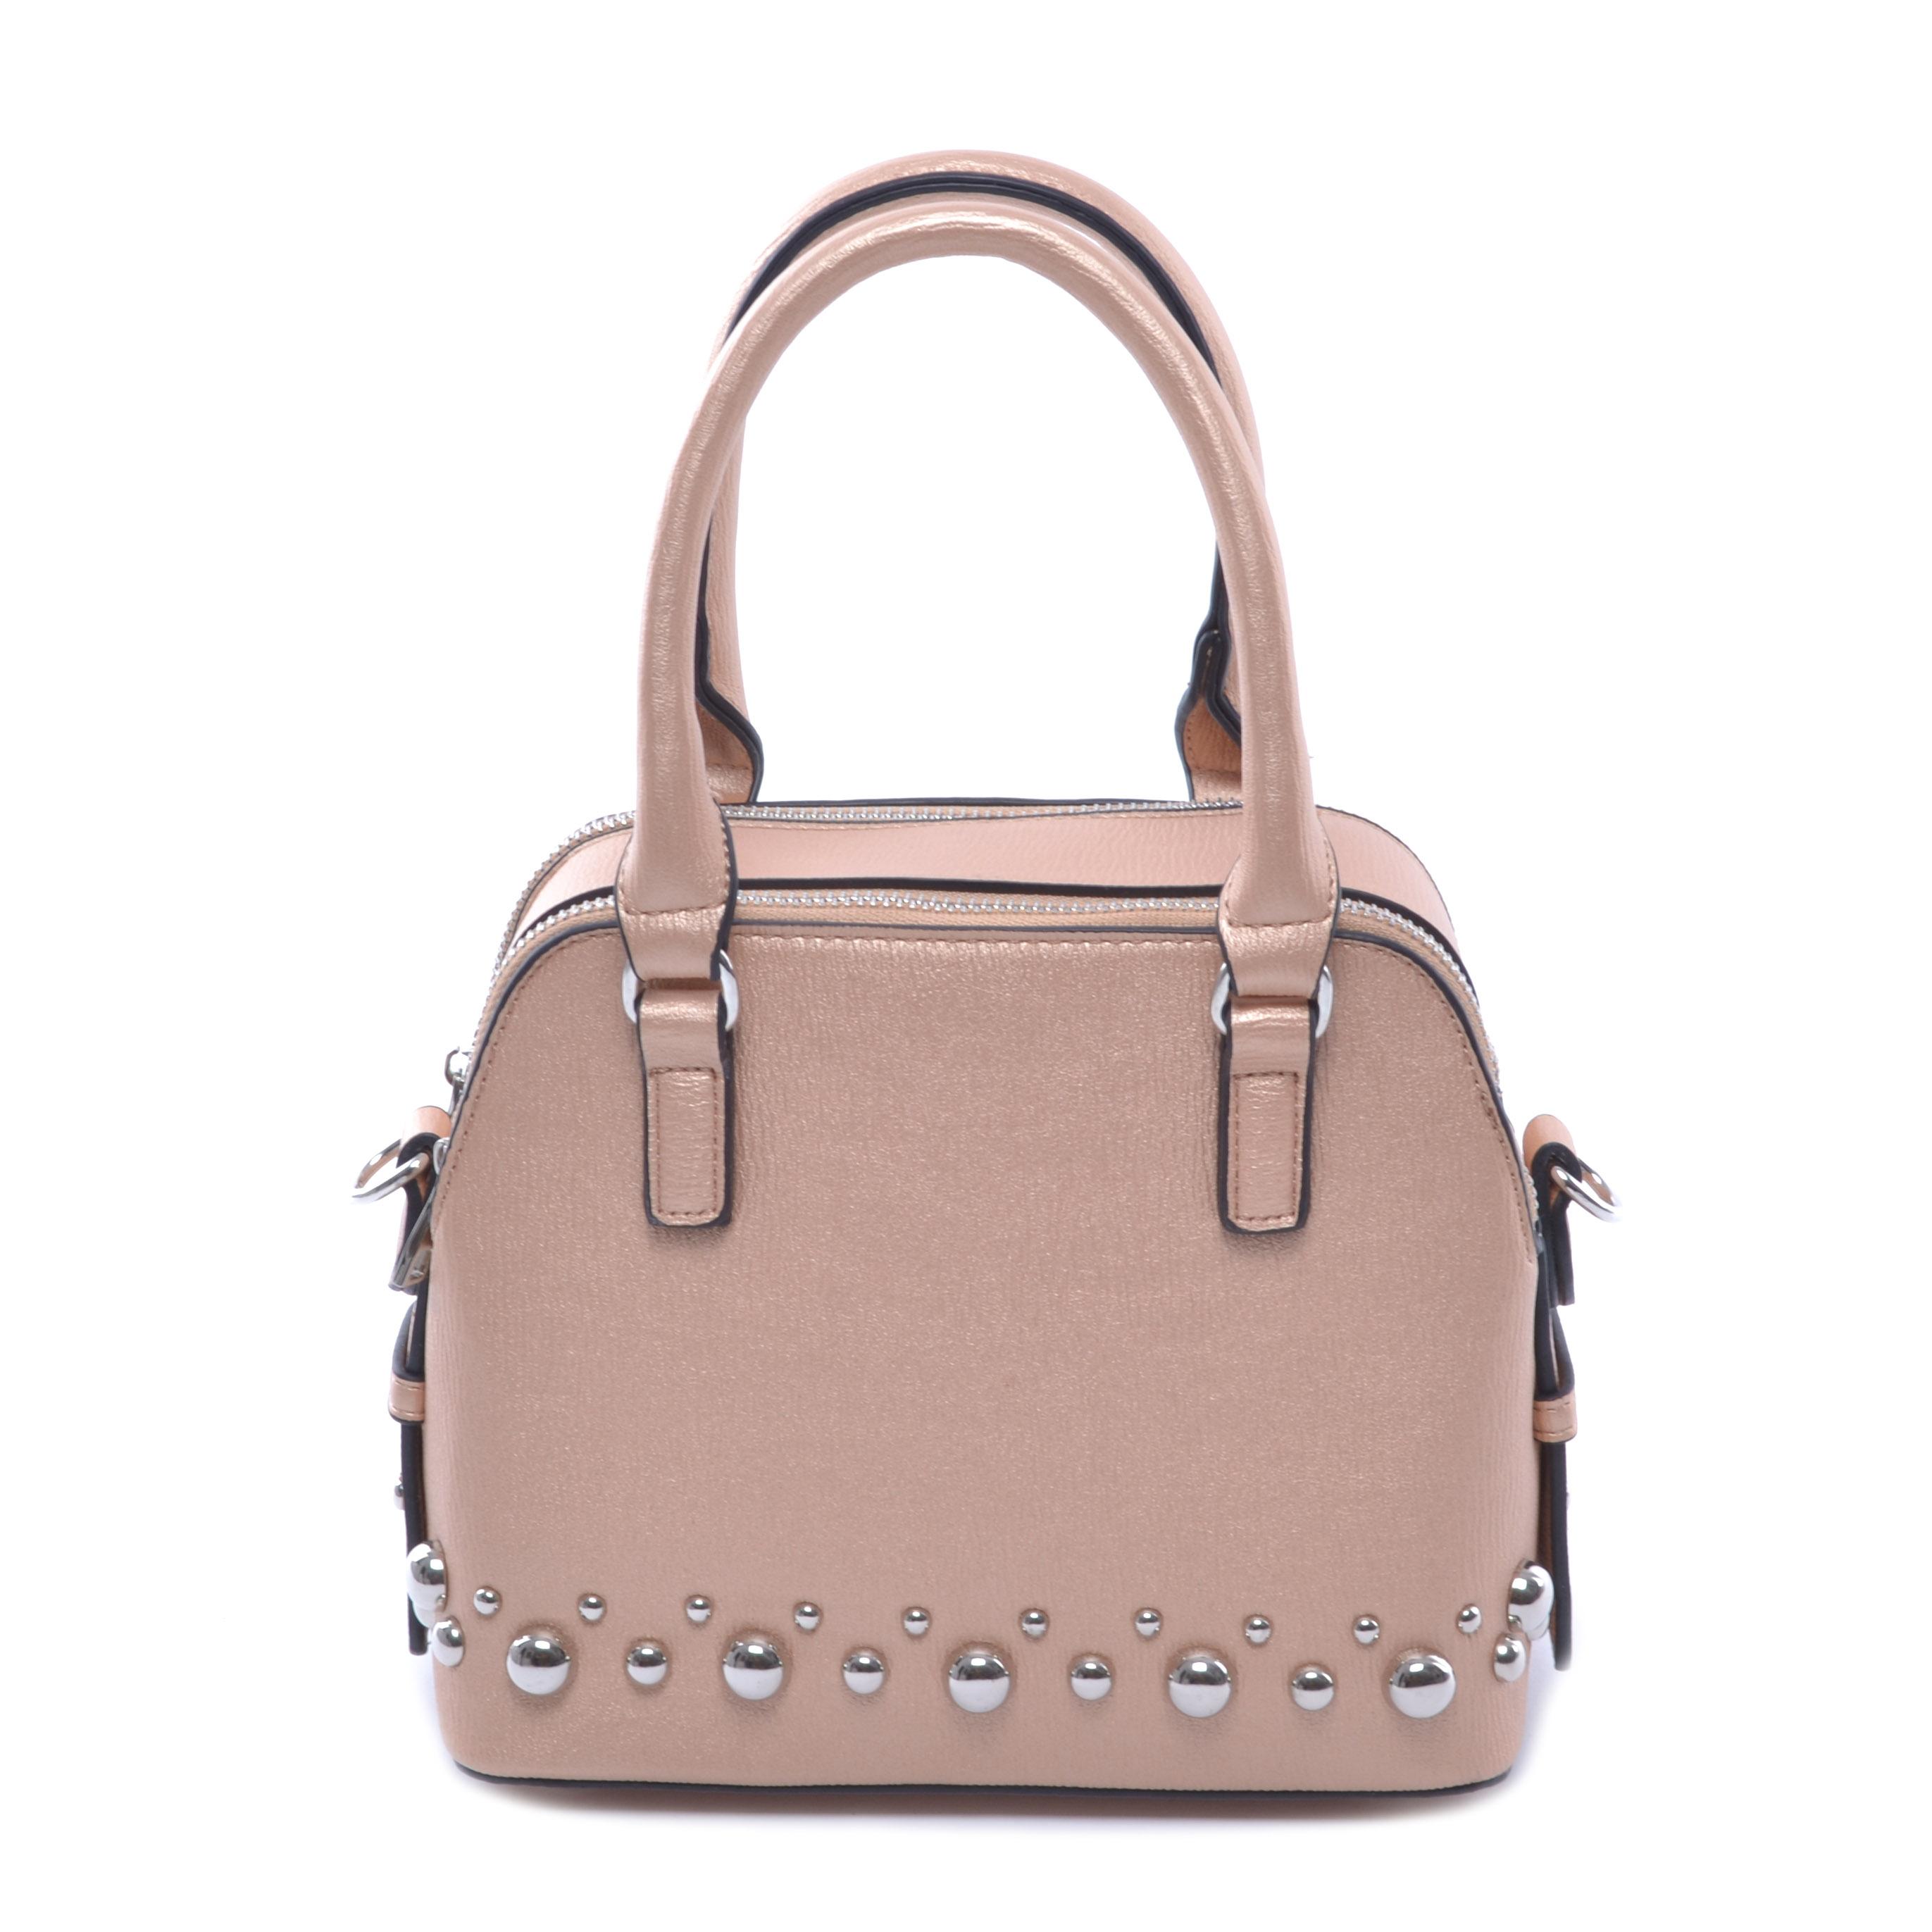 Hl-965 Pezsgő Színű Női Műbőr Kézitáska - Kézitáskák - Táska webáruház - Minőségi  táskák mindenkinek f680fc99f3